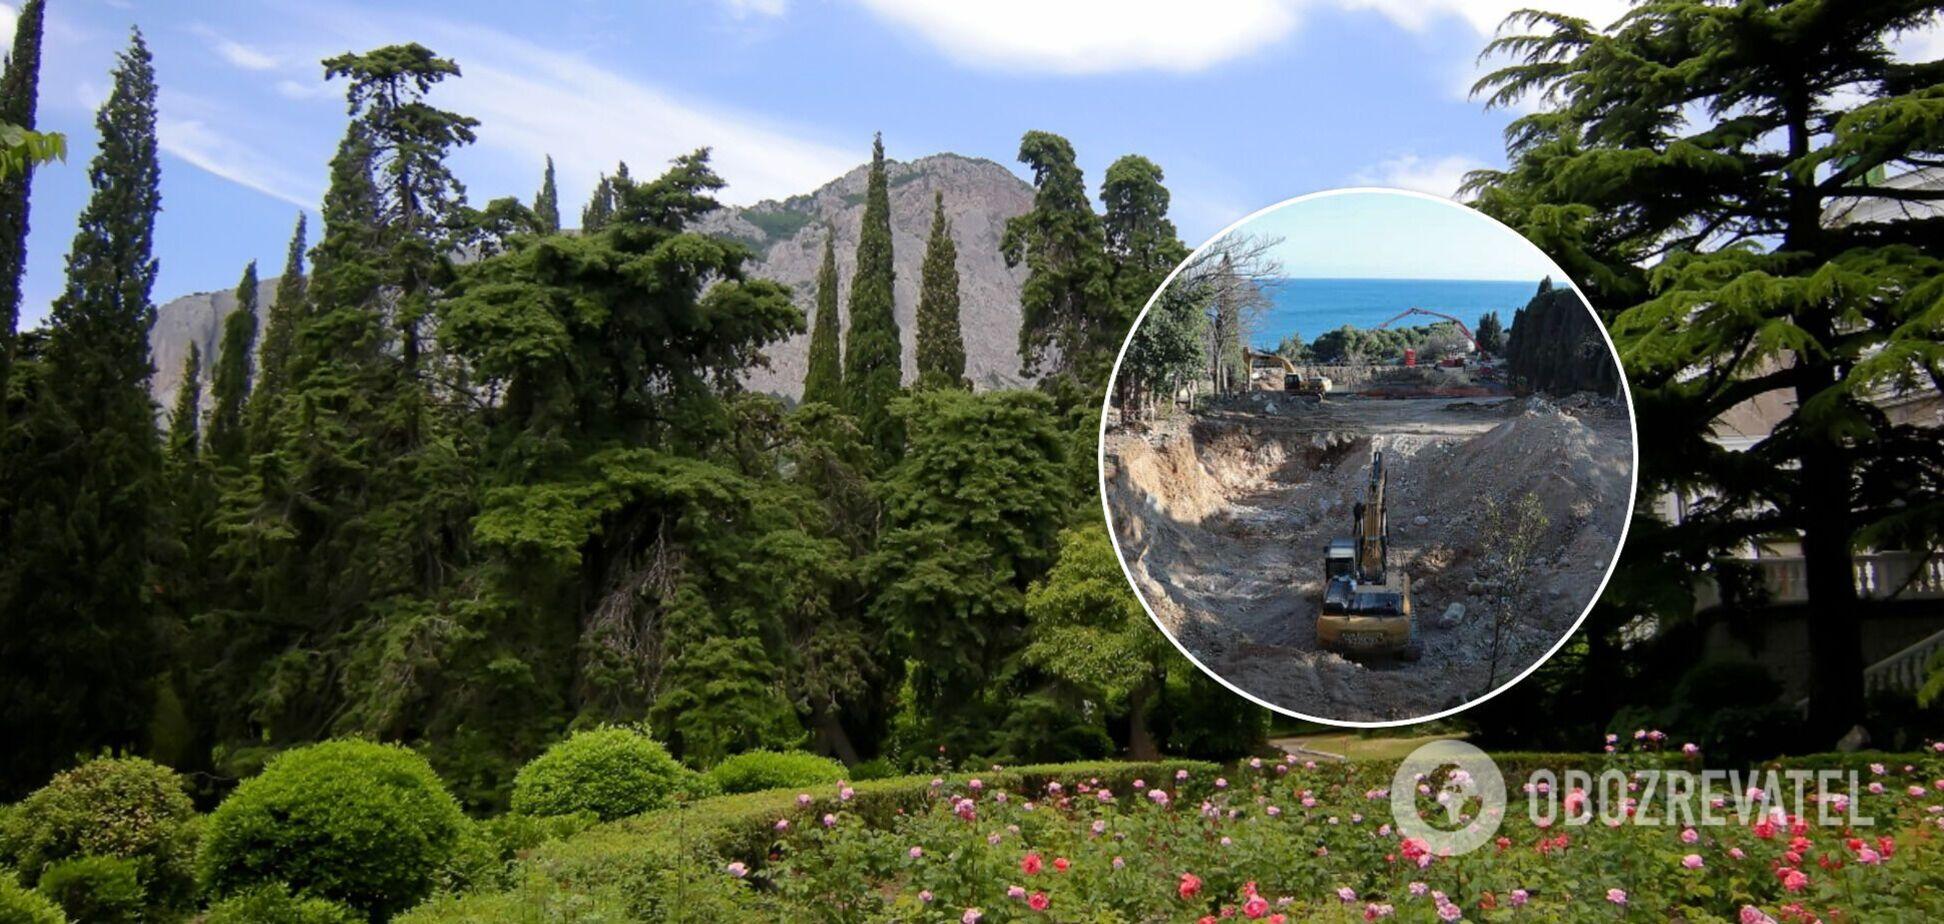 У Криму окупанти руйнують відомий парк: прокуратура почала розслідування